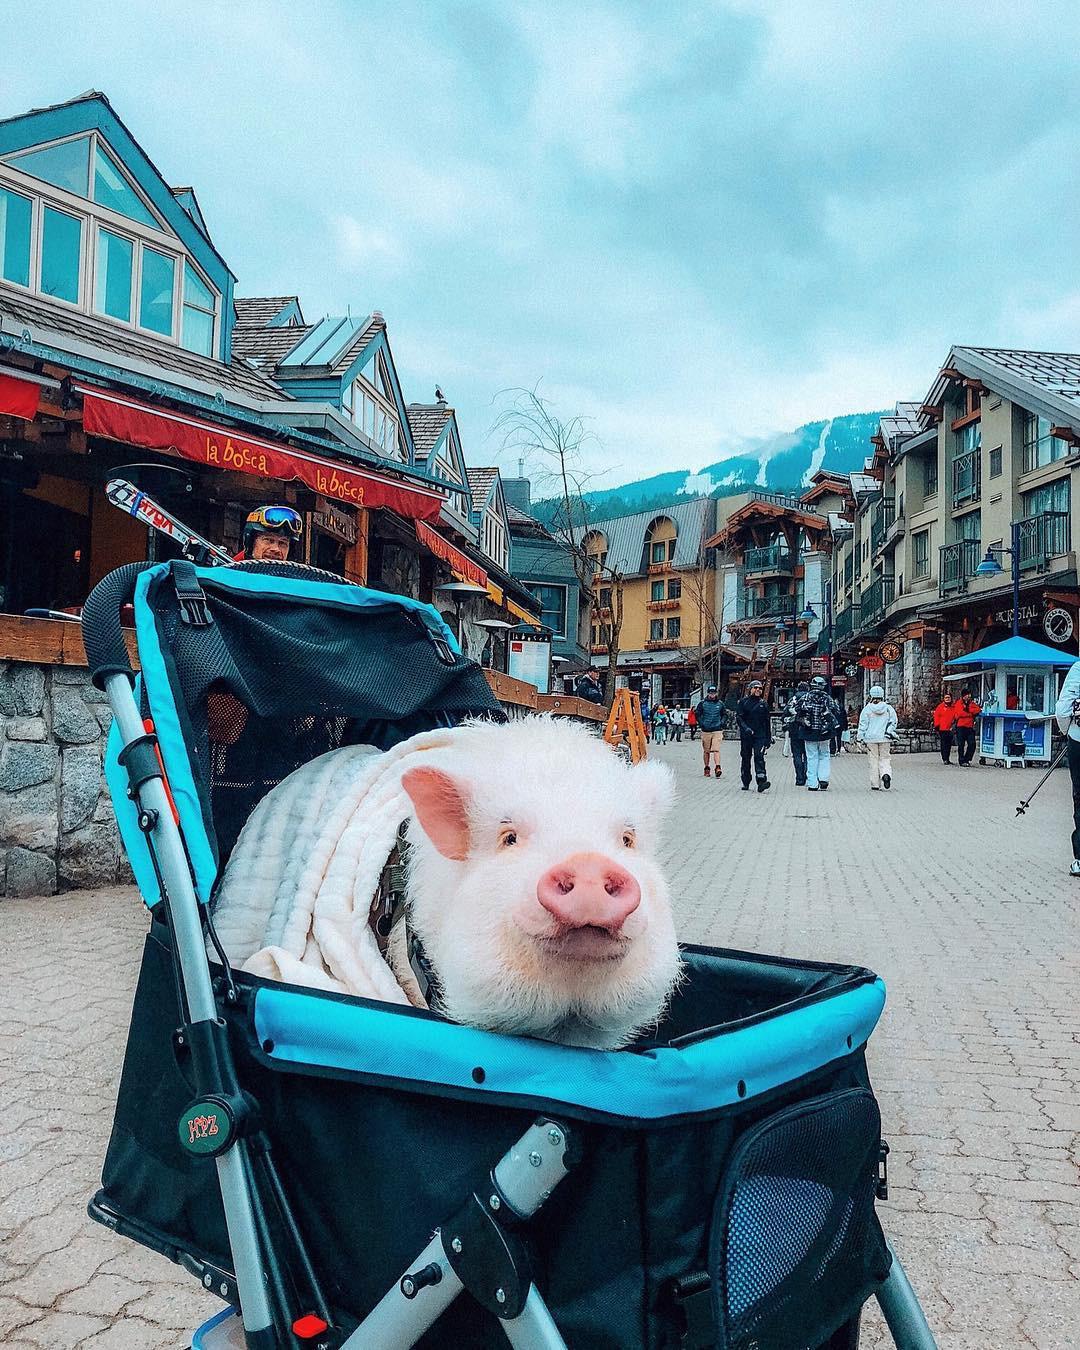 Cảm giác ghen tị là khi bạn phải đi làm vào thứ 2 còn chú lợn này lại được du lịch vòng quanh thế giới - Ảnh 5.